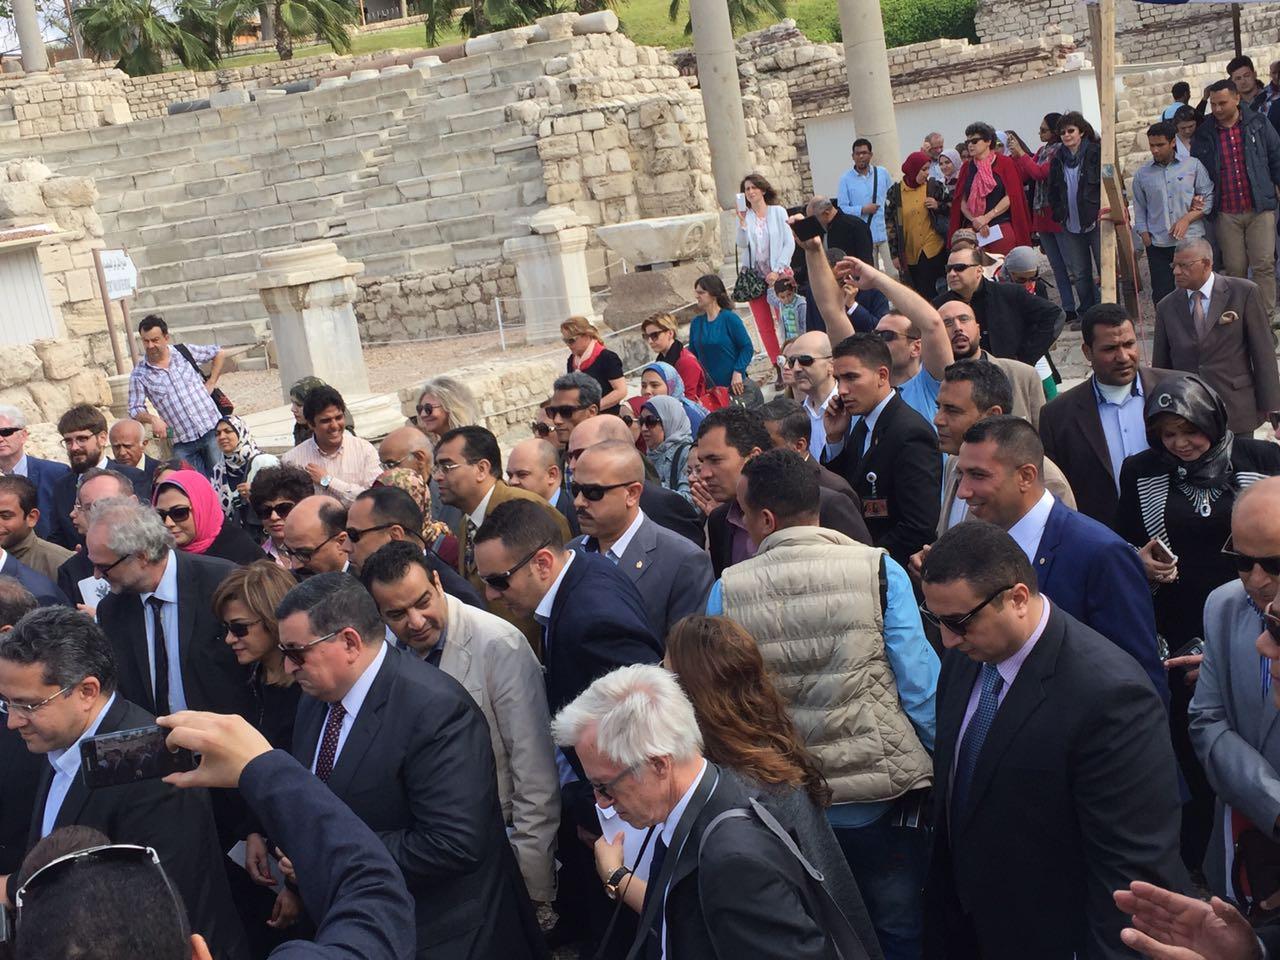 1 وفدا البرلمان ووزير الاثار ومحافظ الاسكندرية يشهدوا تطوير منطقة كوم الدكة